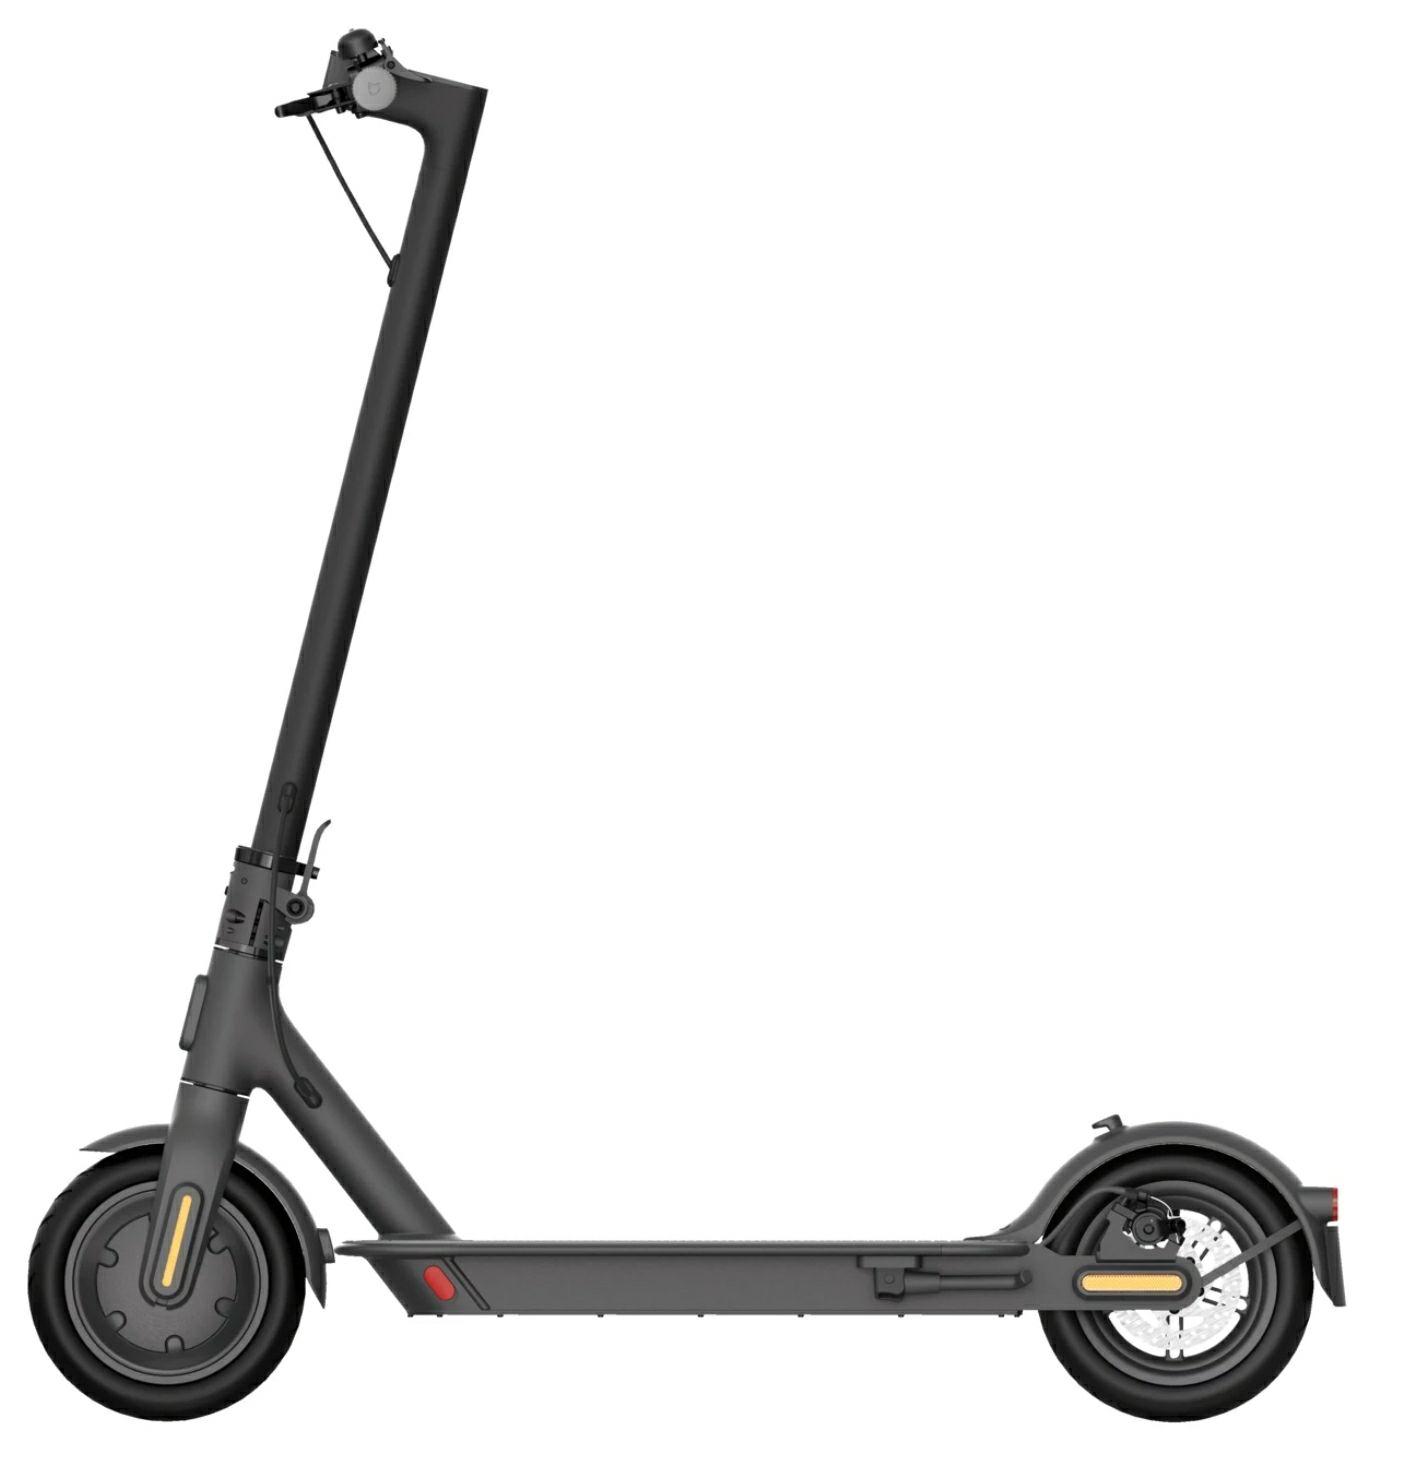 Xiaomi MI 1S E-Scooter (Reichweite: 30km, 20km/h, mit Straßenzulassung) [SATURN eBay